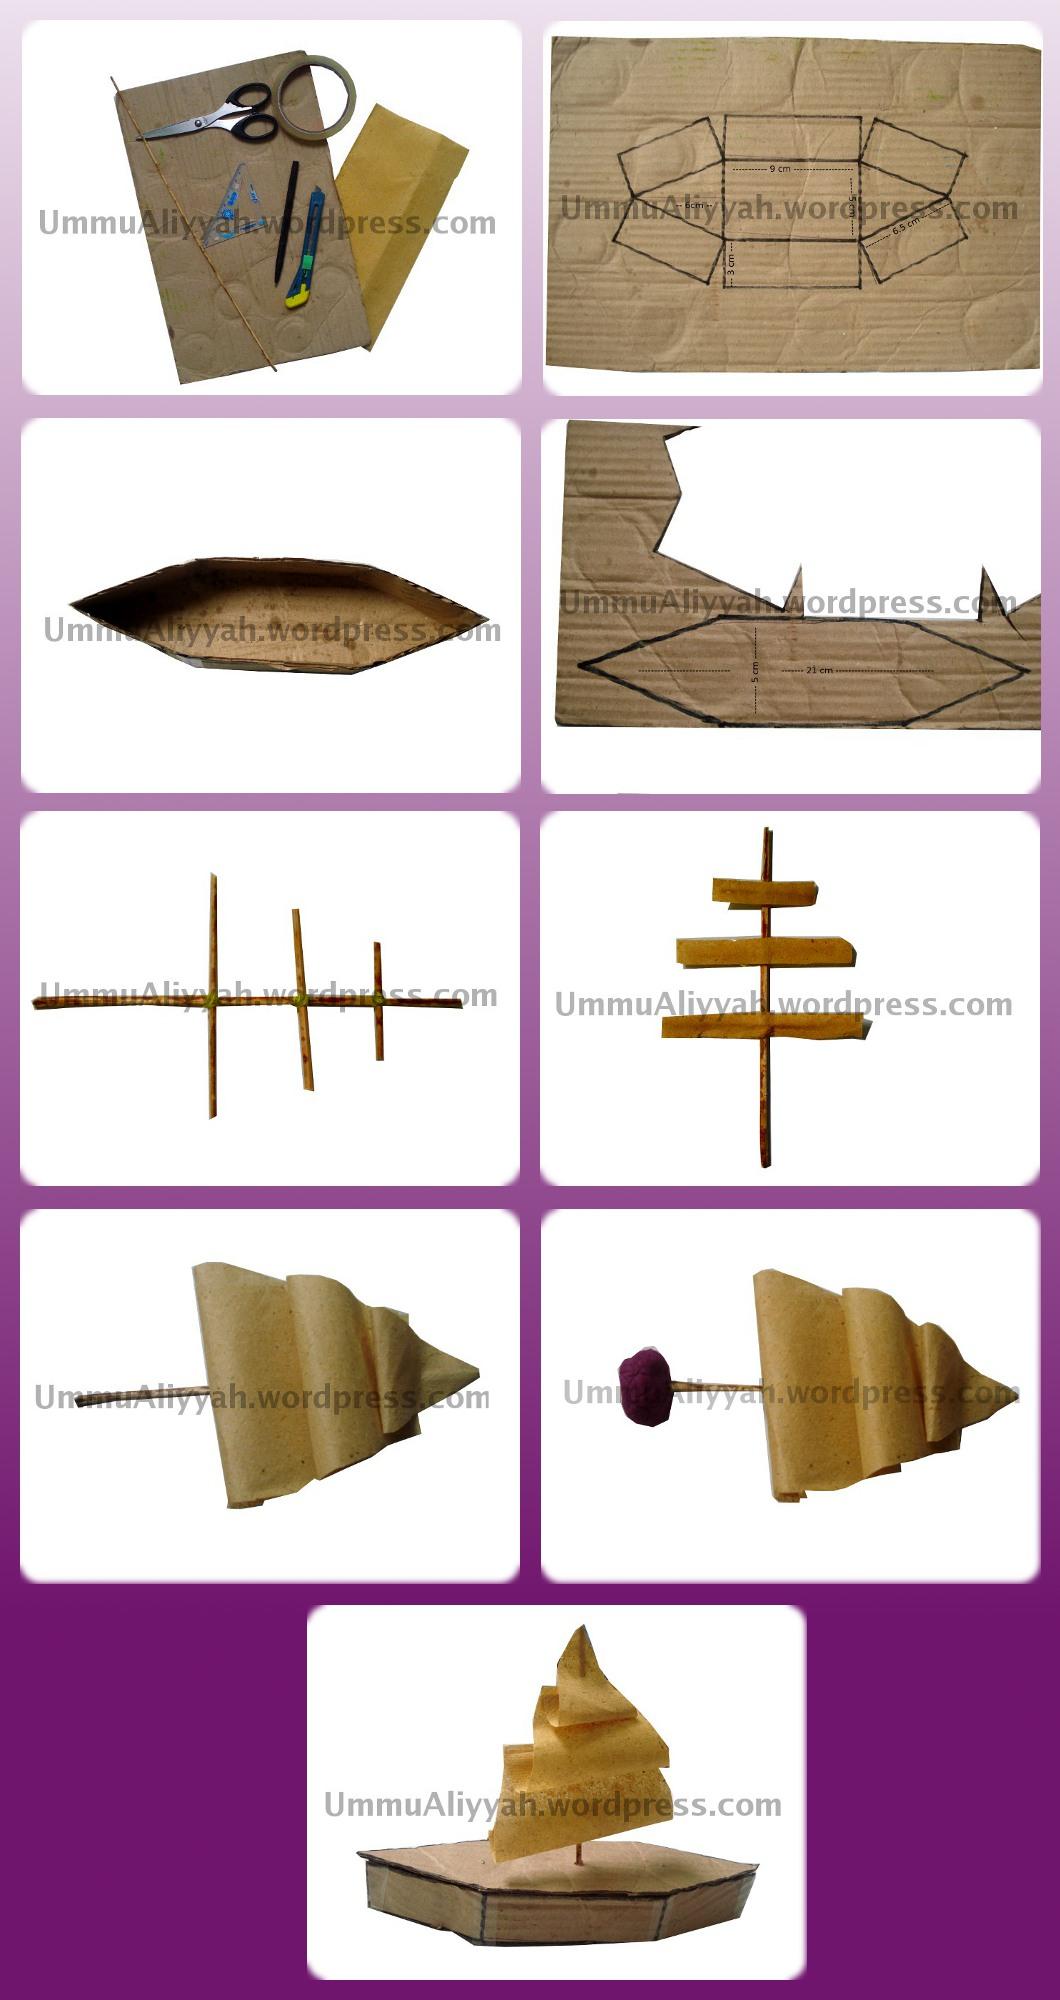 Cara Membuat Kapal Dari Kardus : membuat, kapal, kardus, Tutorial, Membuat, Perahu, Layar, Sederhana, Kardus, Bekas, Aliyyah, Thabrani